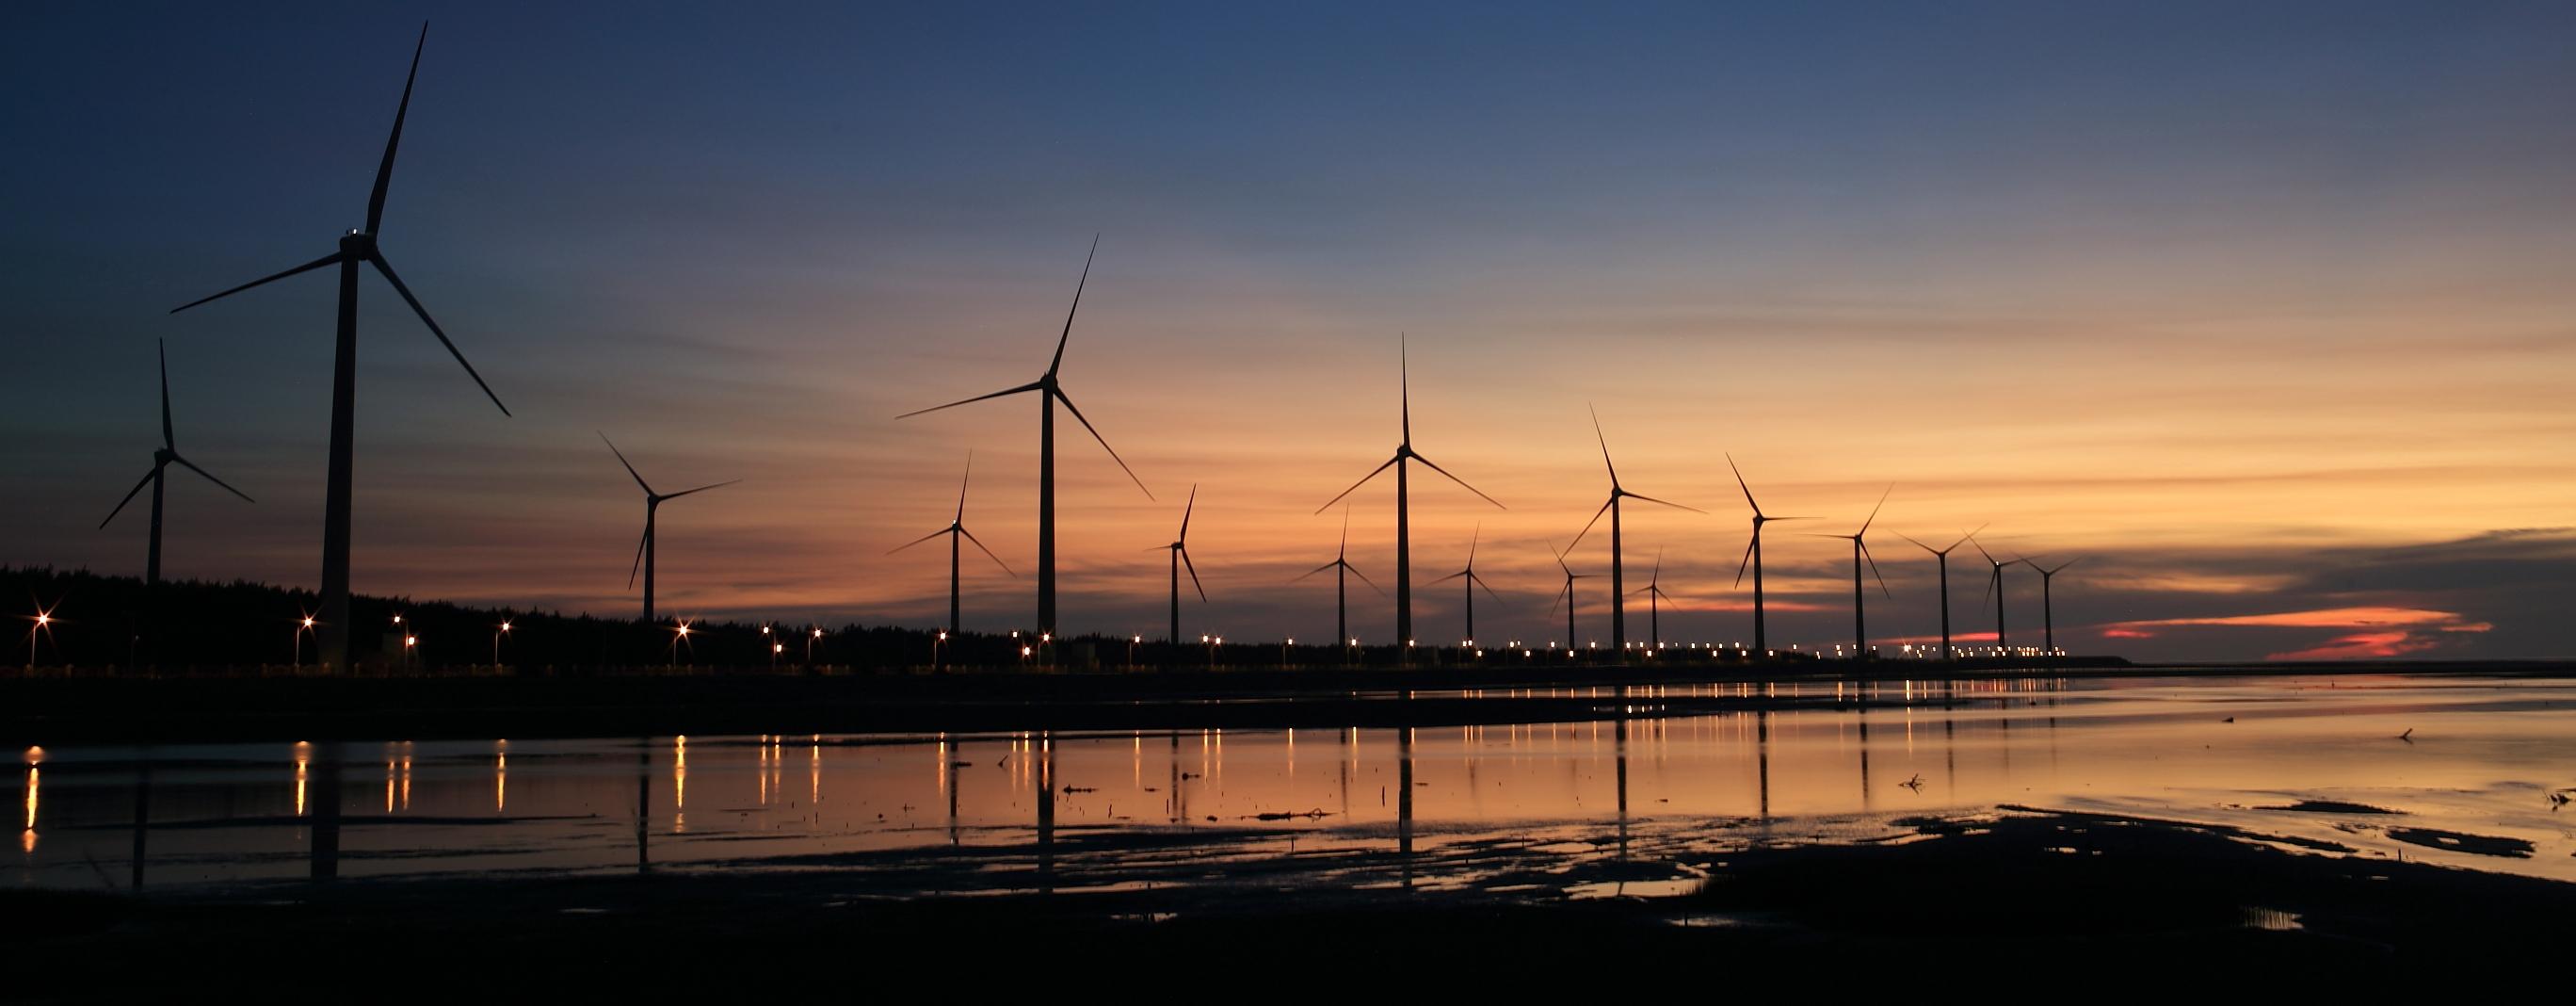 Changement climatique uclg - Bureau de change international strasbourg ...